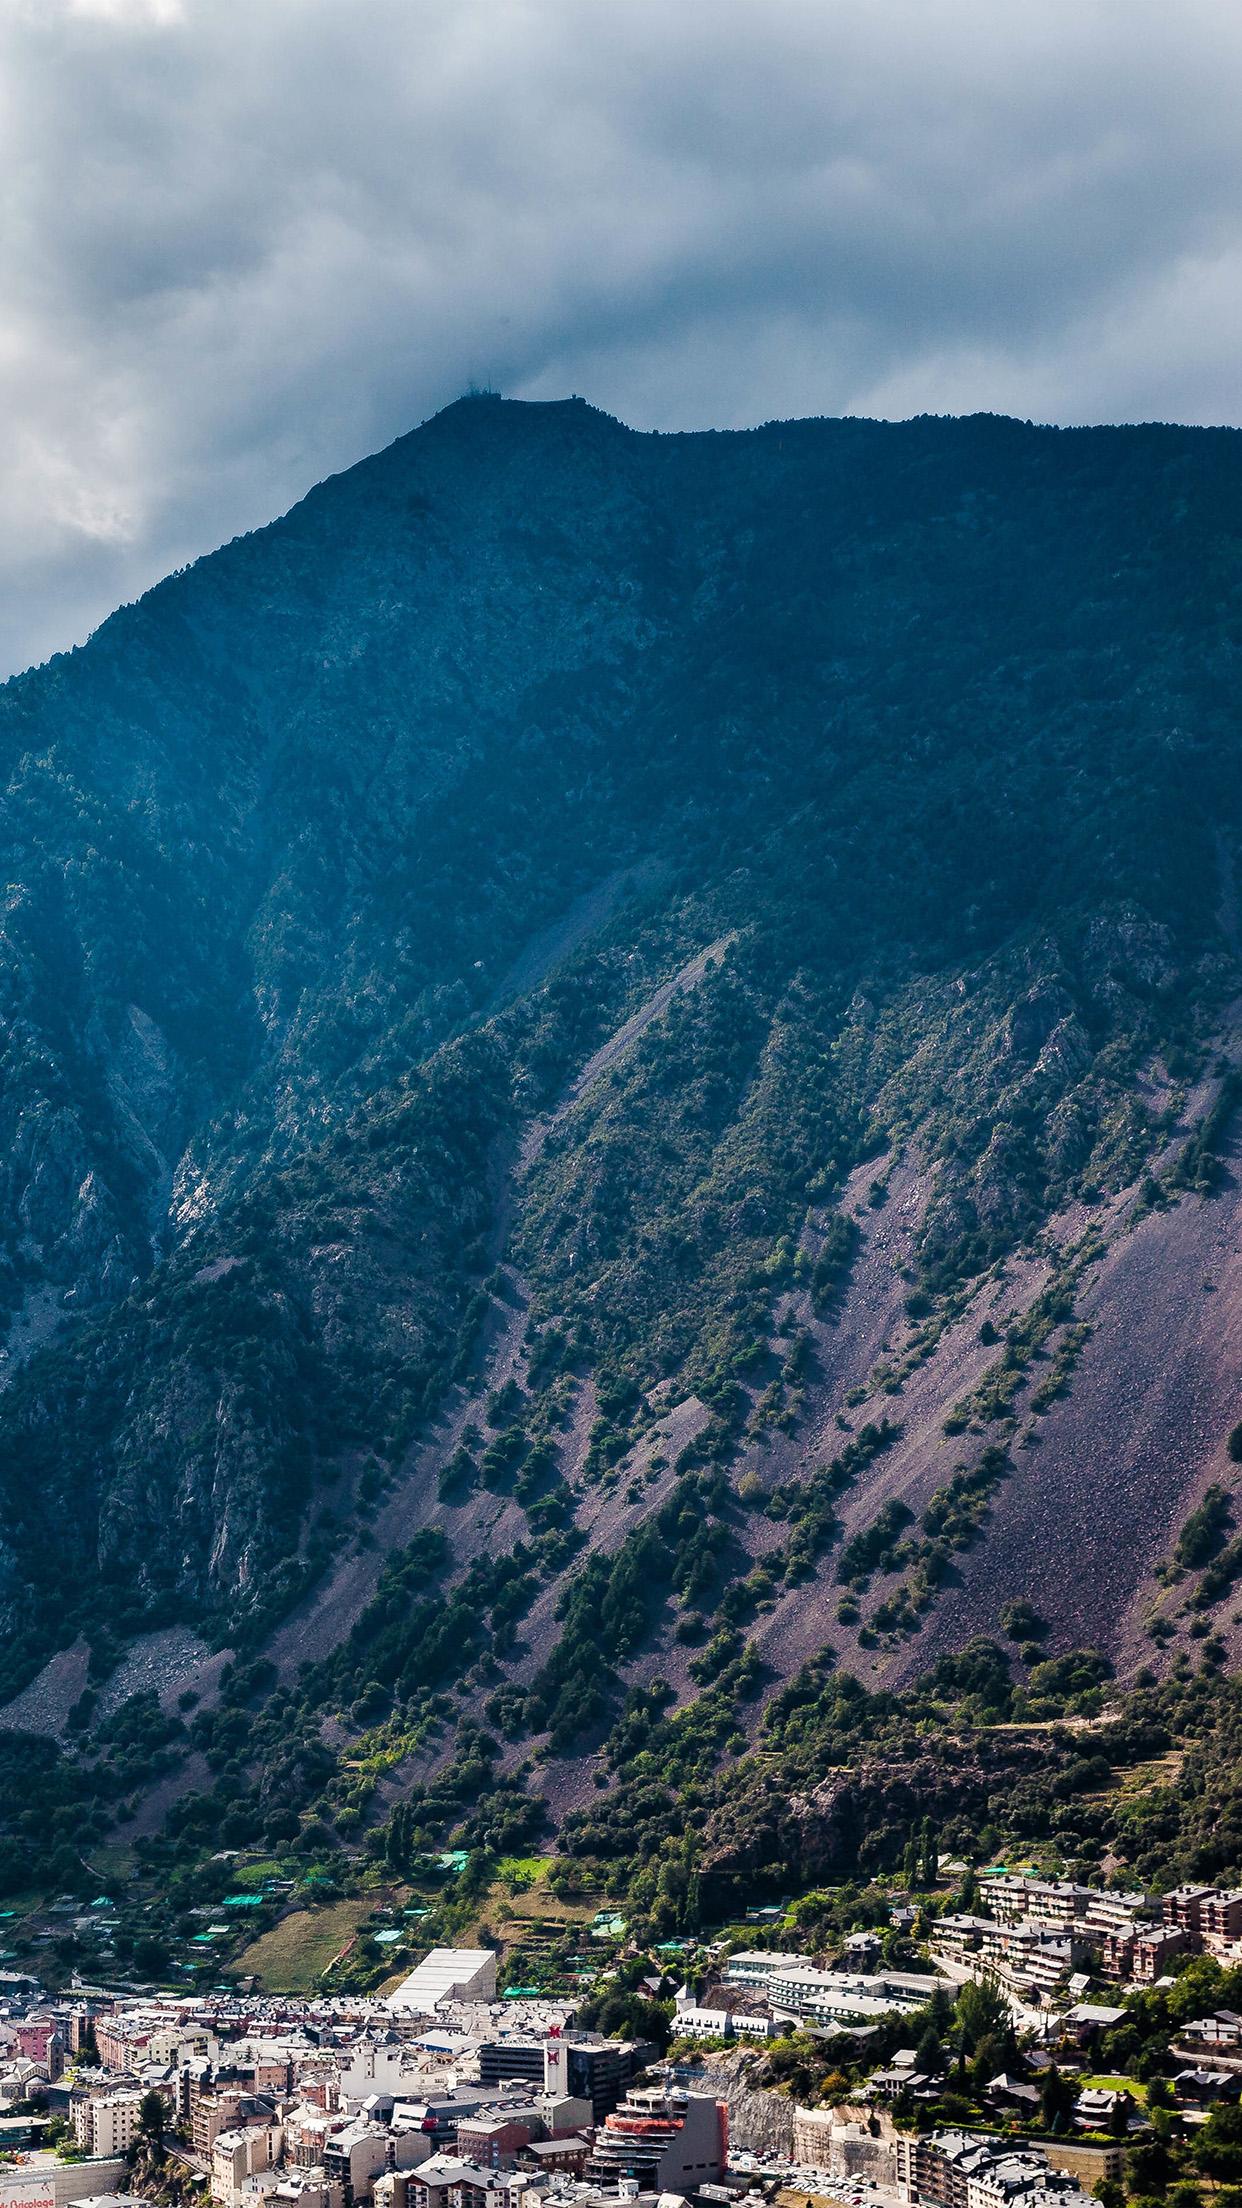 Mountain Mountain Rock Soil City Blue Summer 3Wallpapers iPhone Parallax Mountain: Rock Soil City blue summer